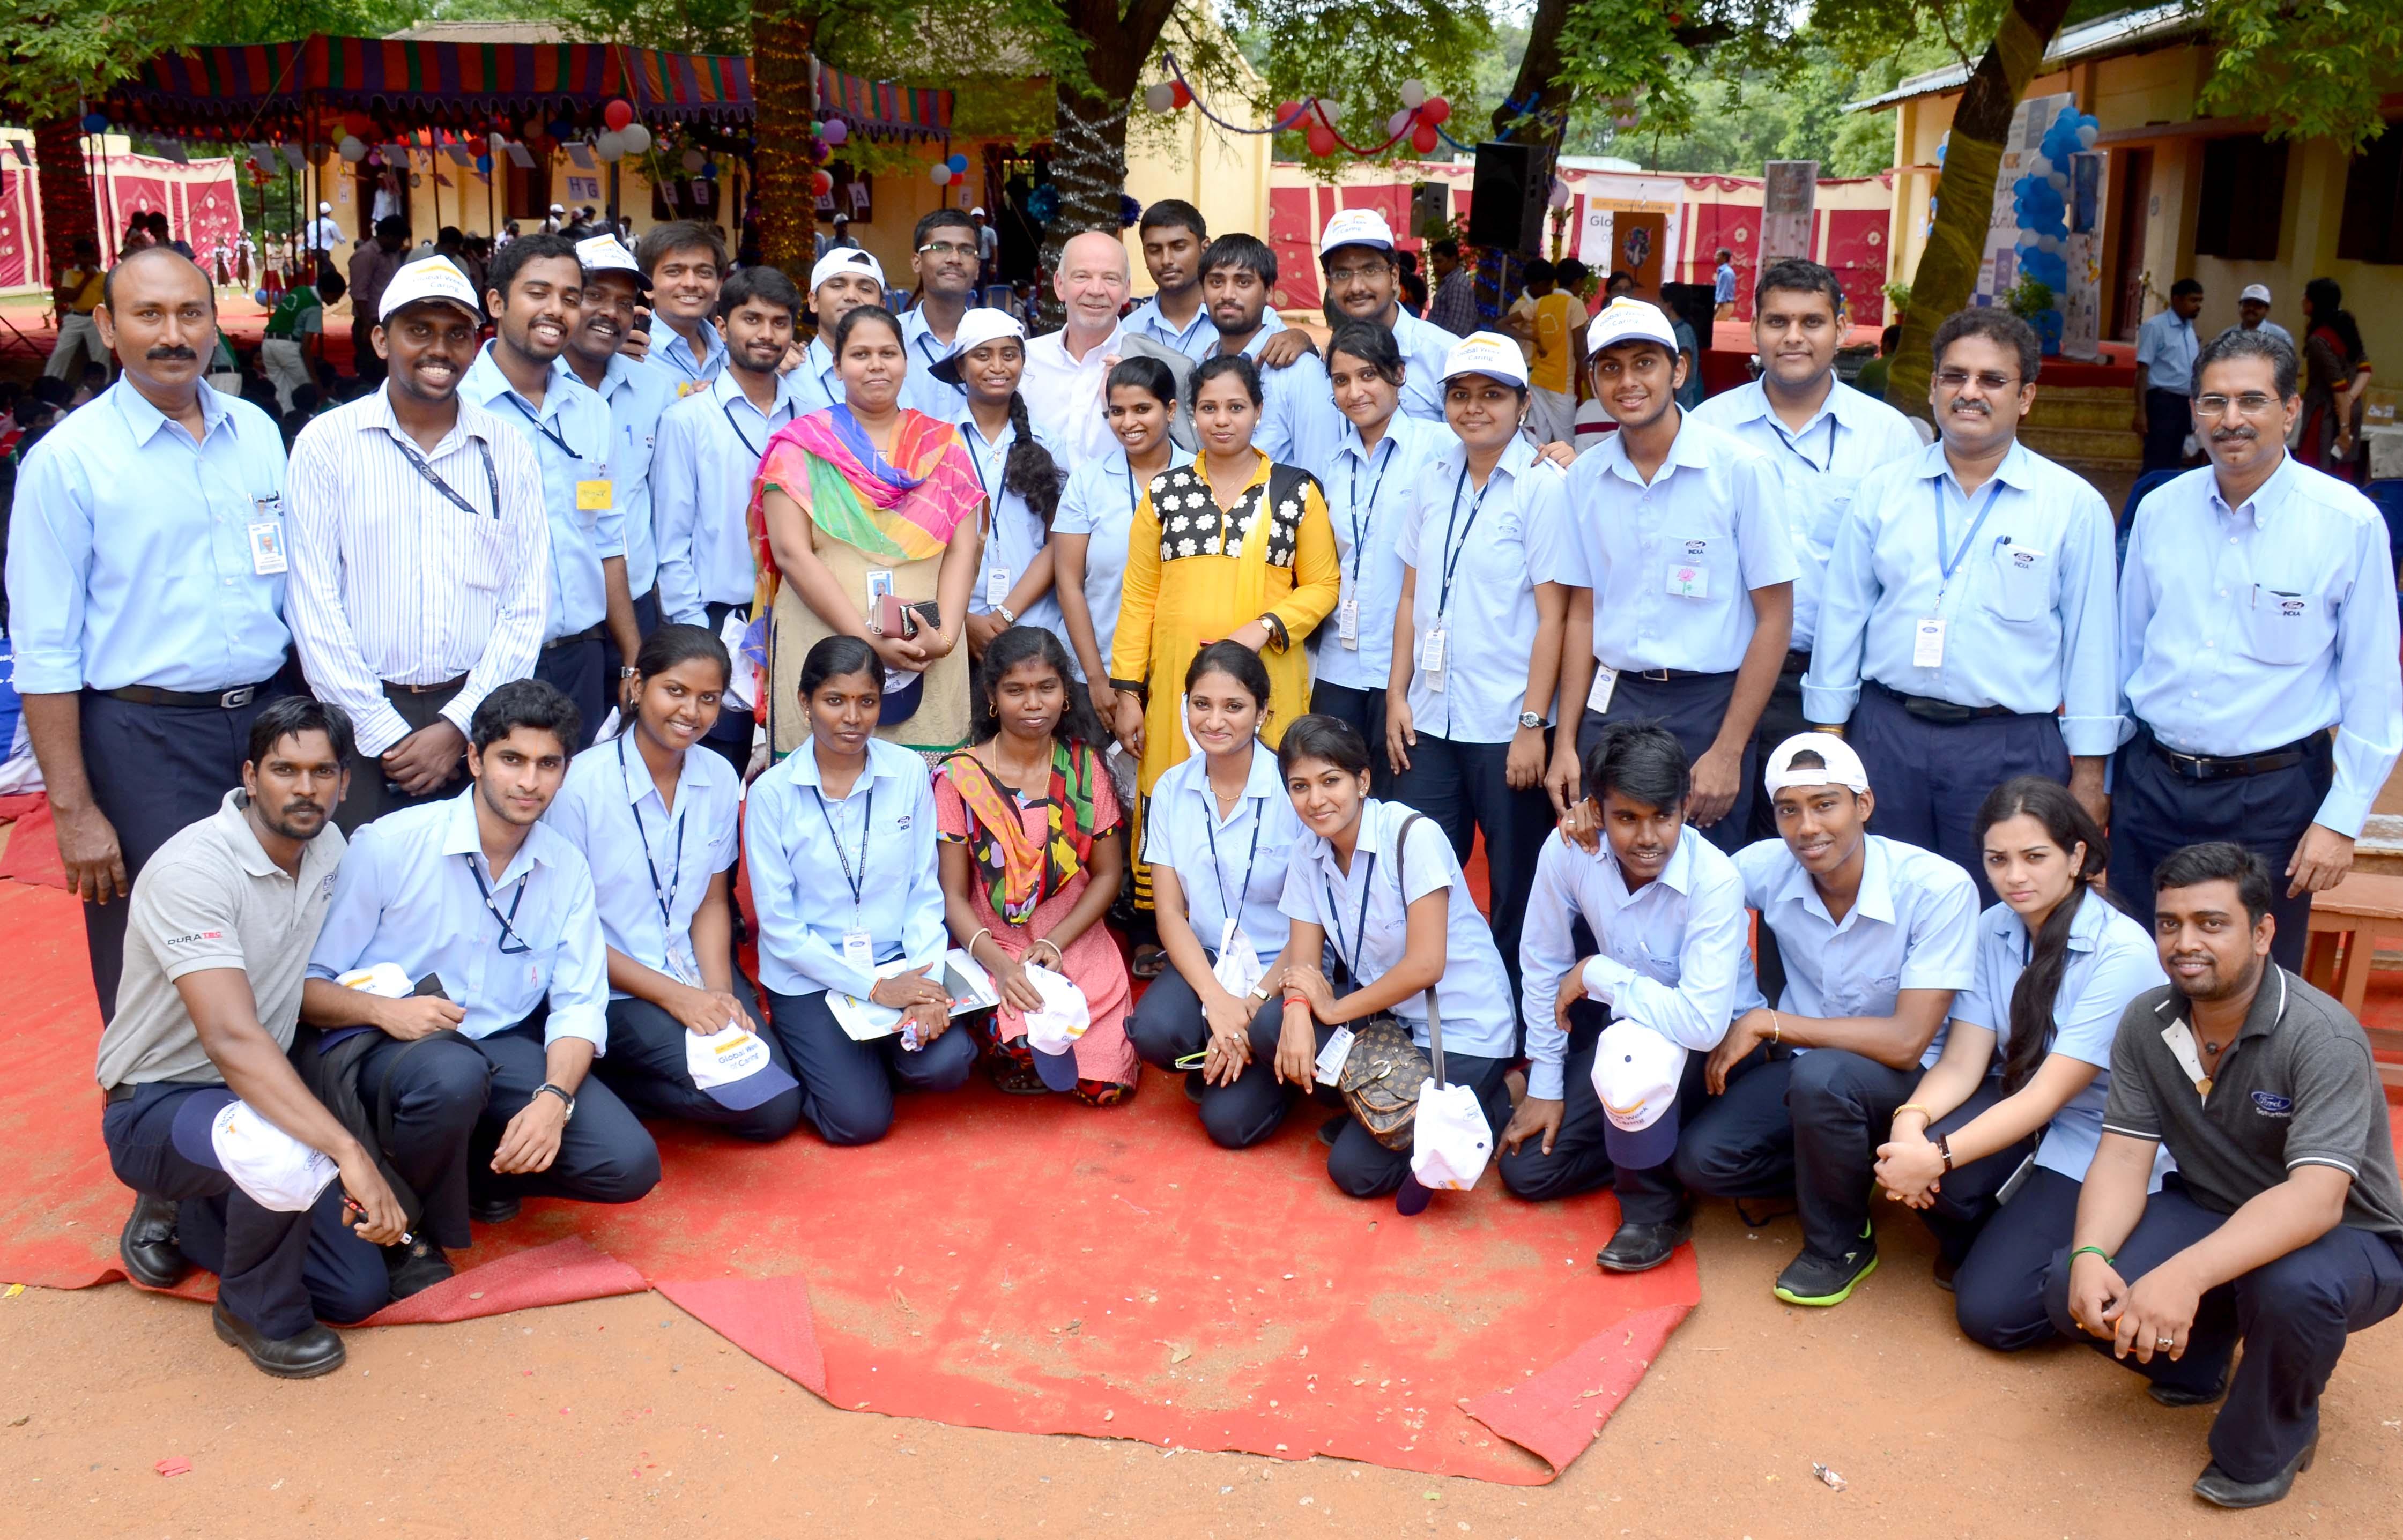 Ford India's happy schools program